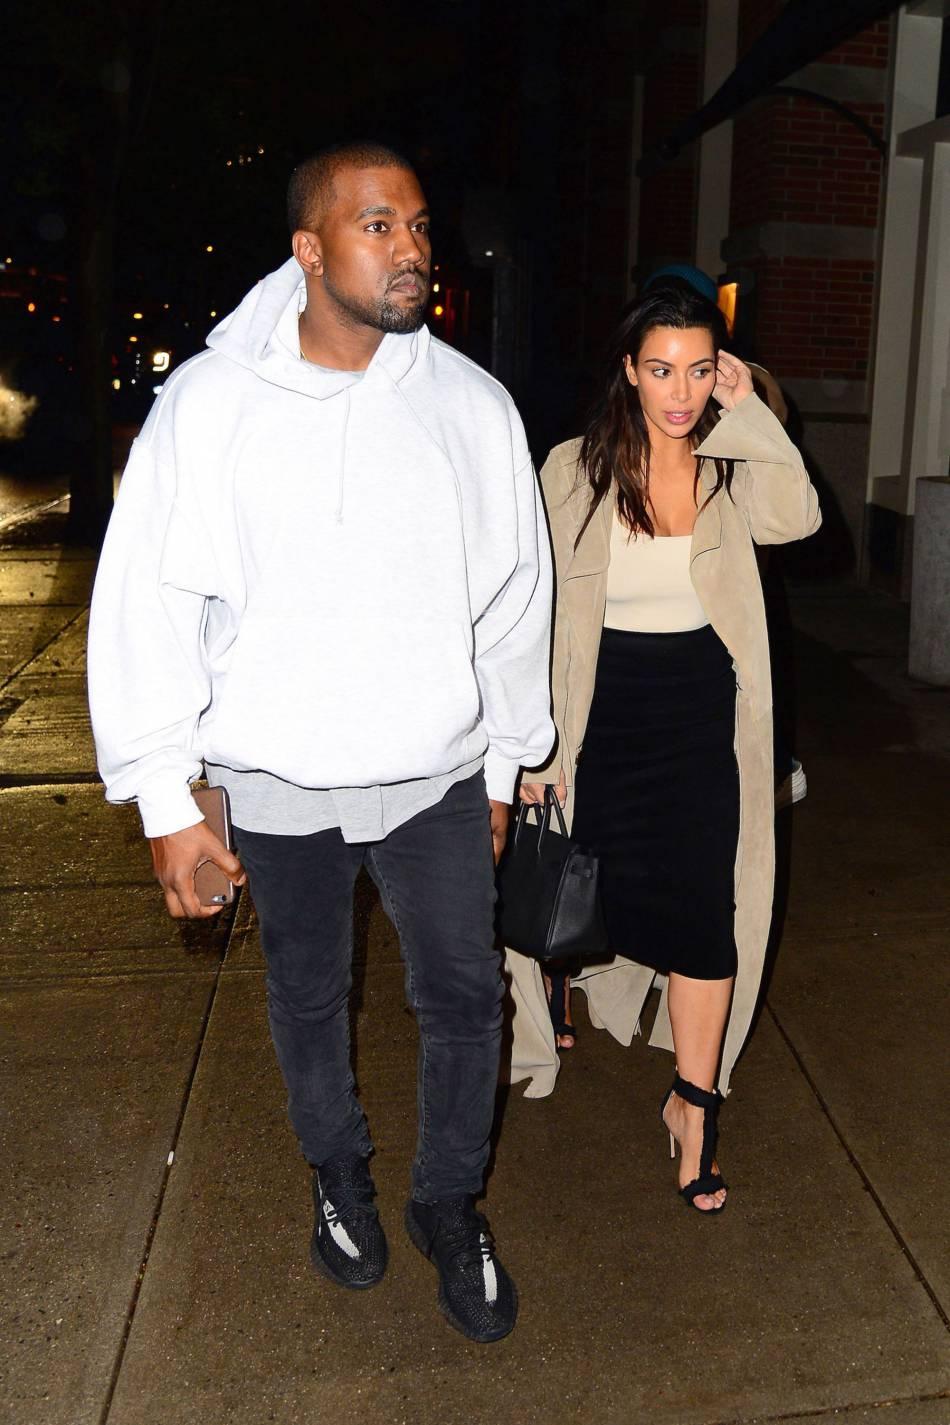 Pour la fête des mères, son mari, Kanye West, a fait venir tout un orchestre dans leur salon.